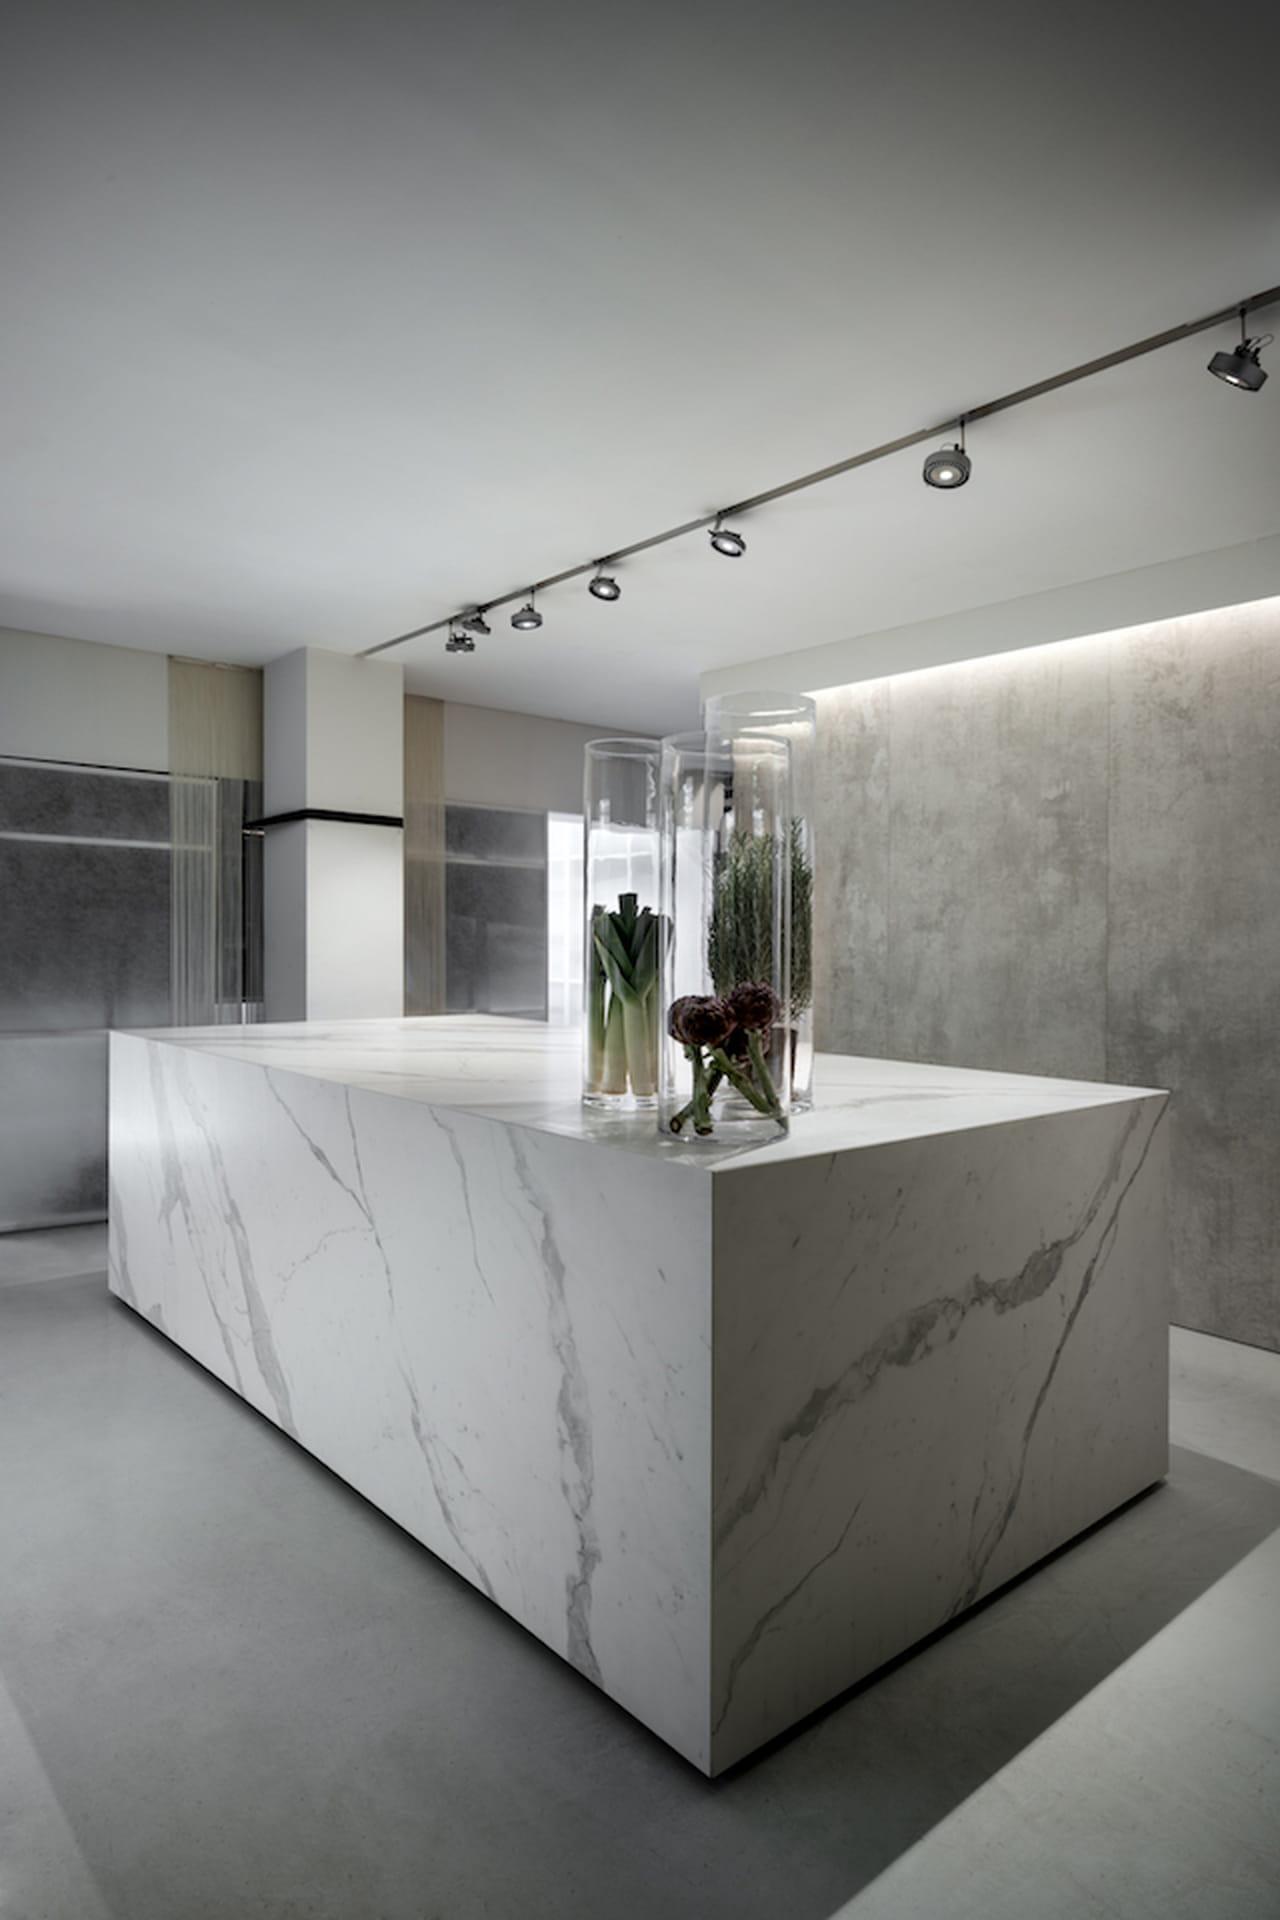 Design casa oggetti pareti e pavimenti originali for Oggetti design casa